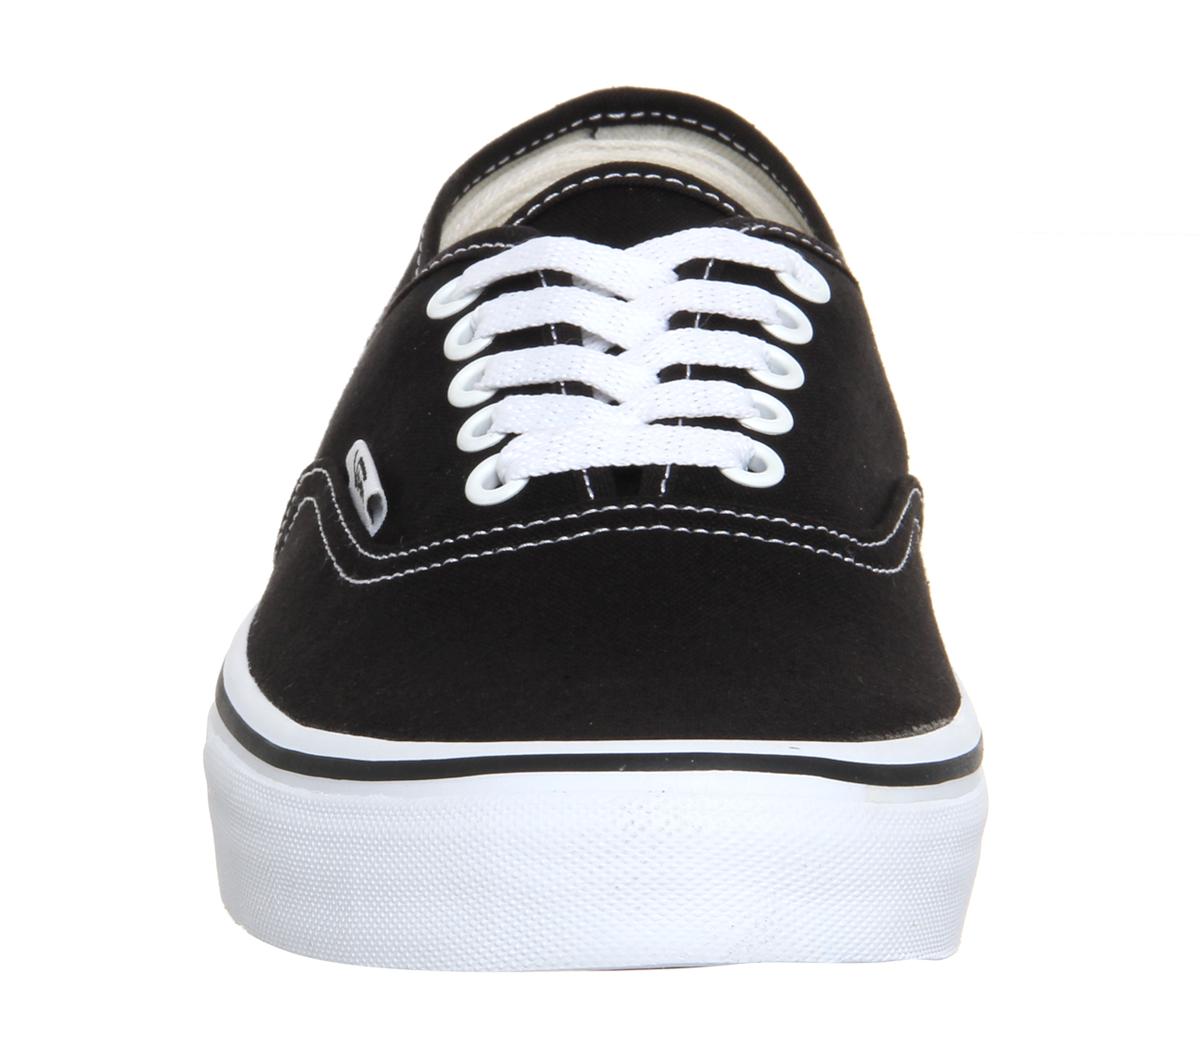 fab337f5cc3674 Sentinel Mens Vans Authentic Black White Trainers Shoes